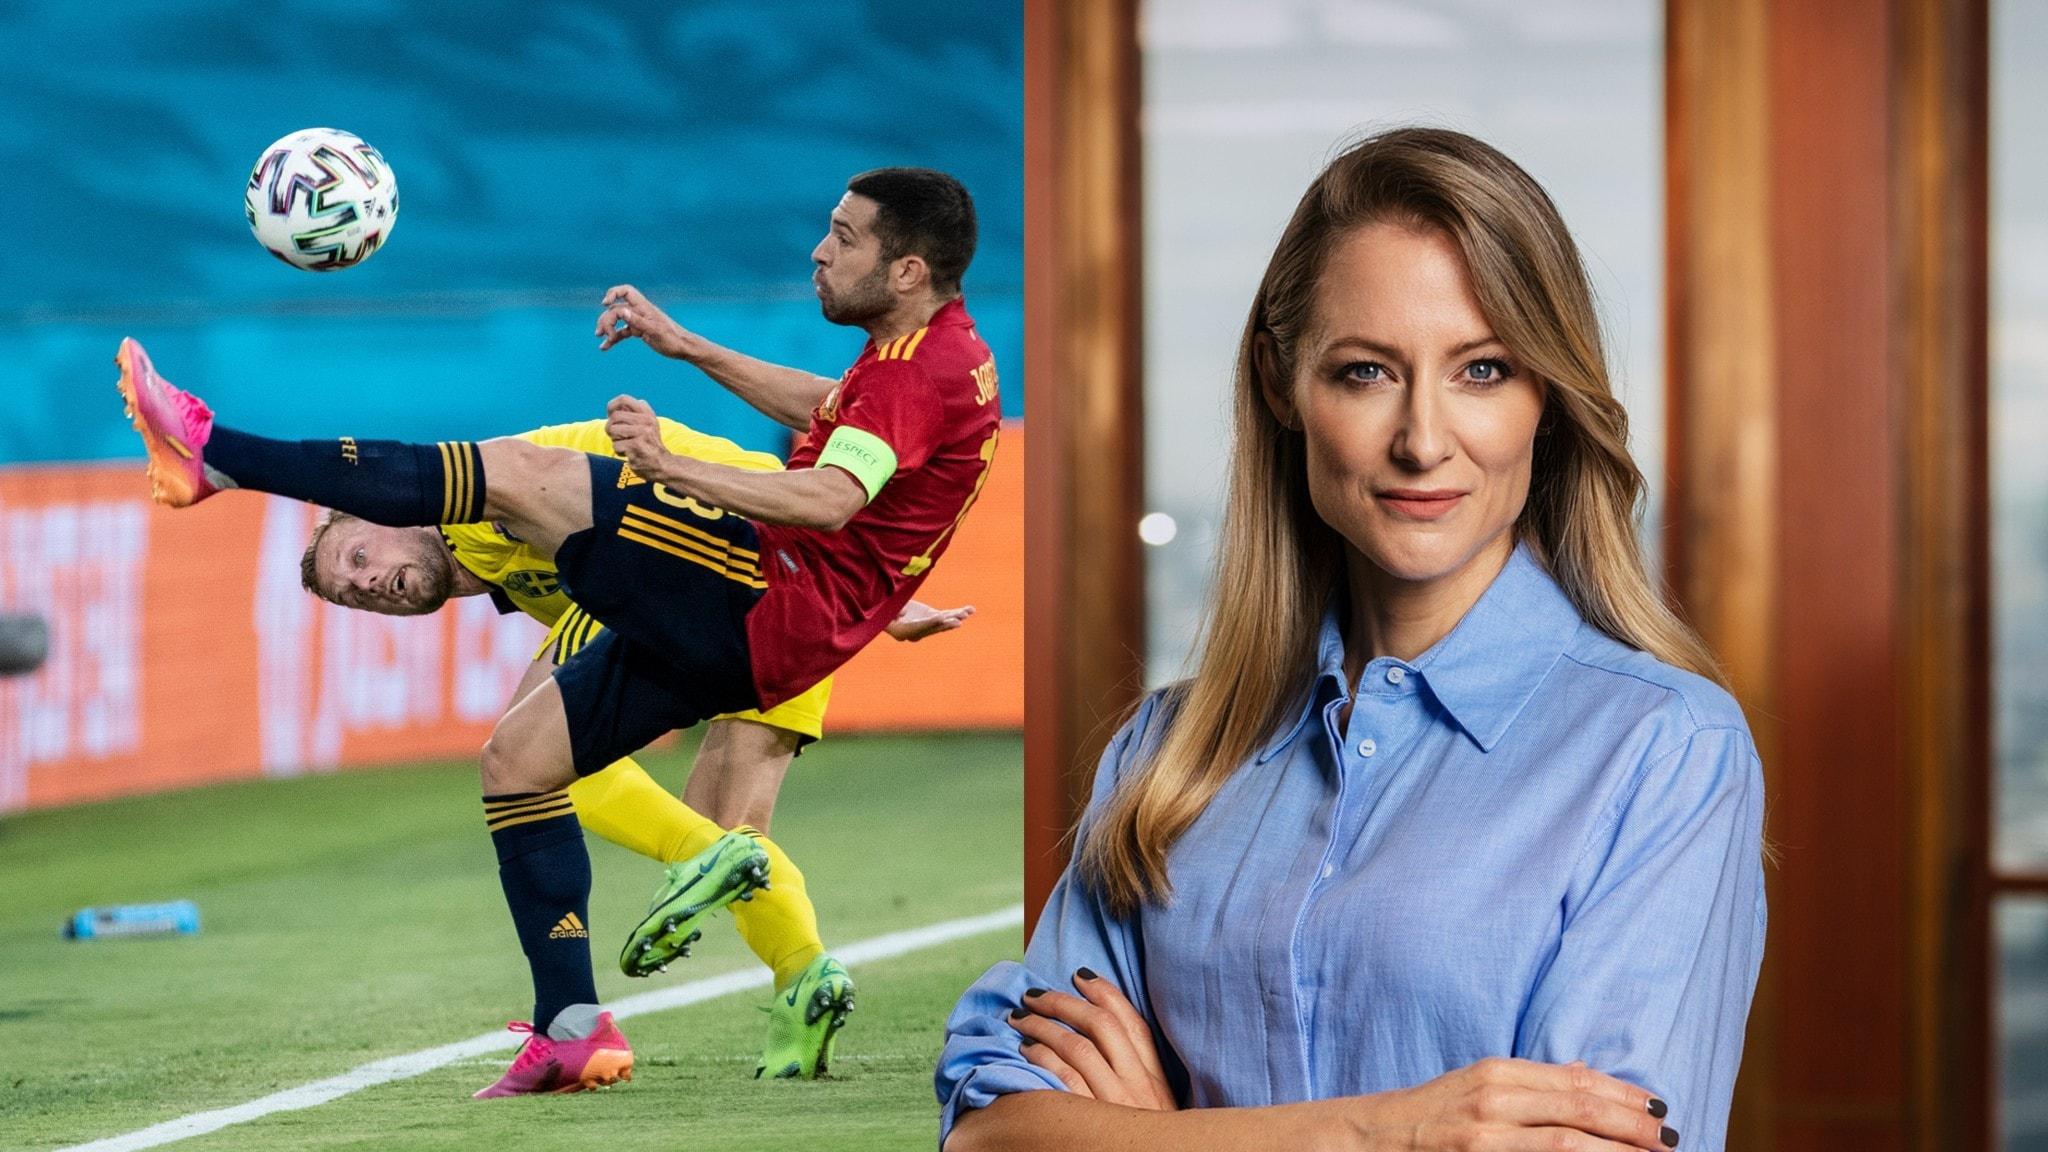 Fotbolls-EM ger stora reklamintäkter